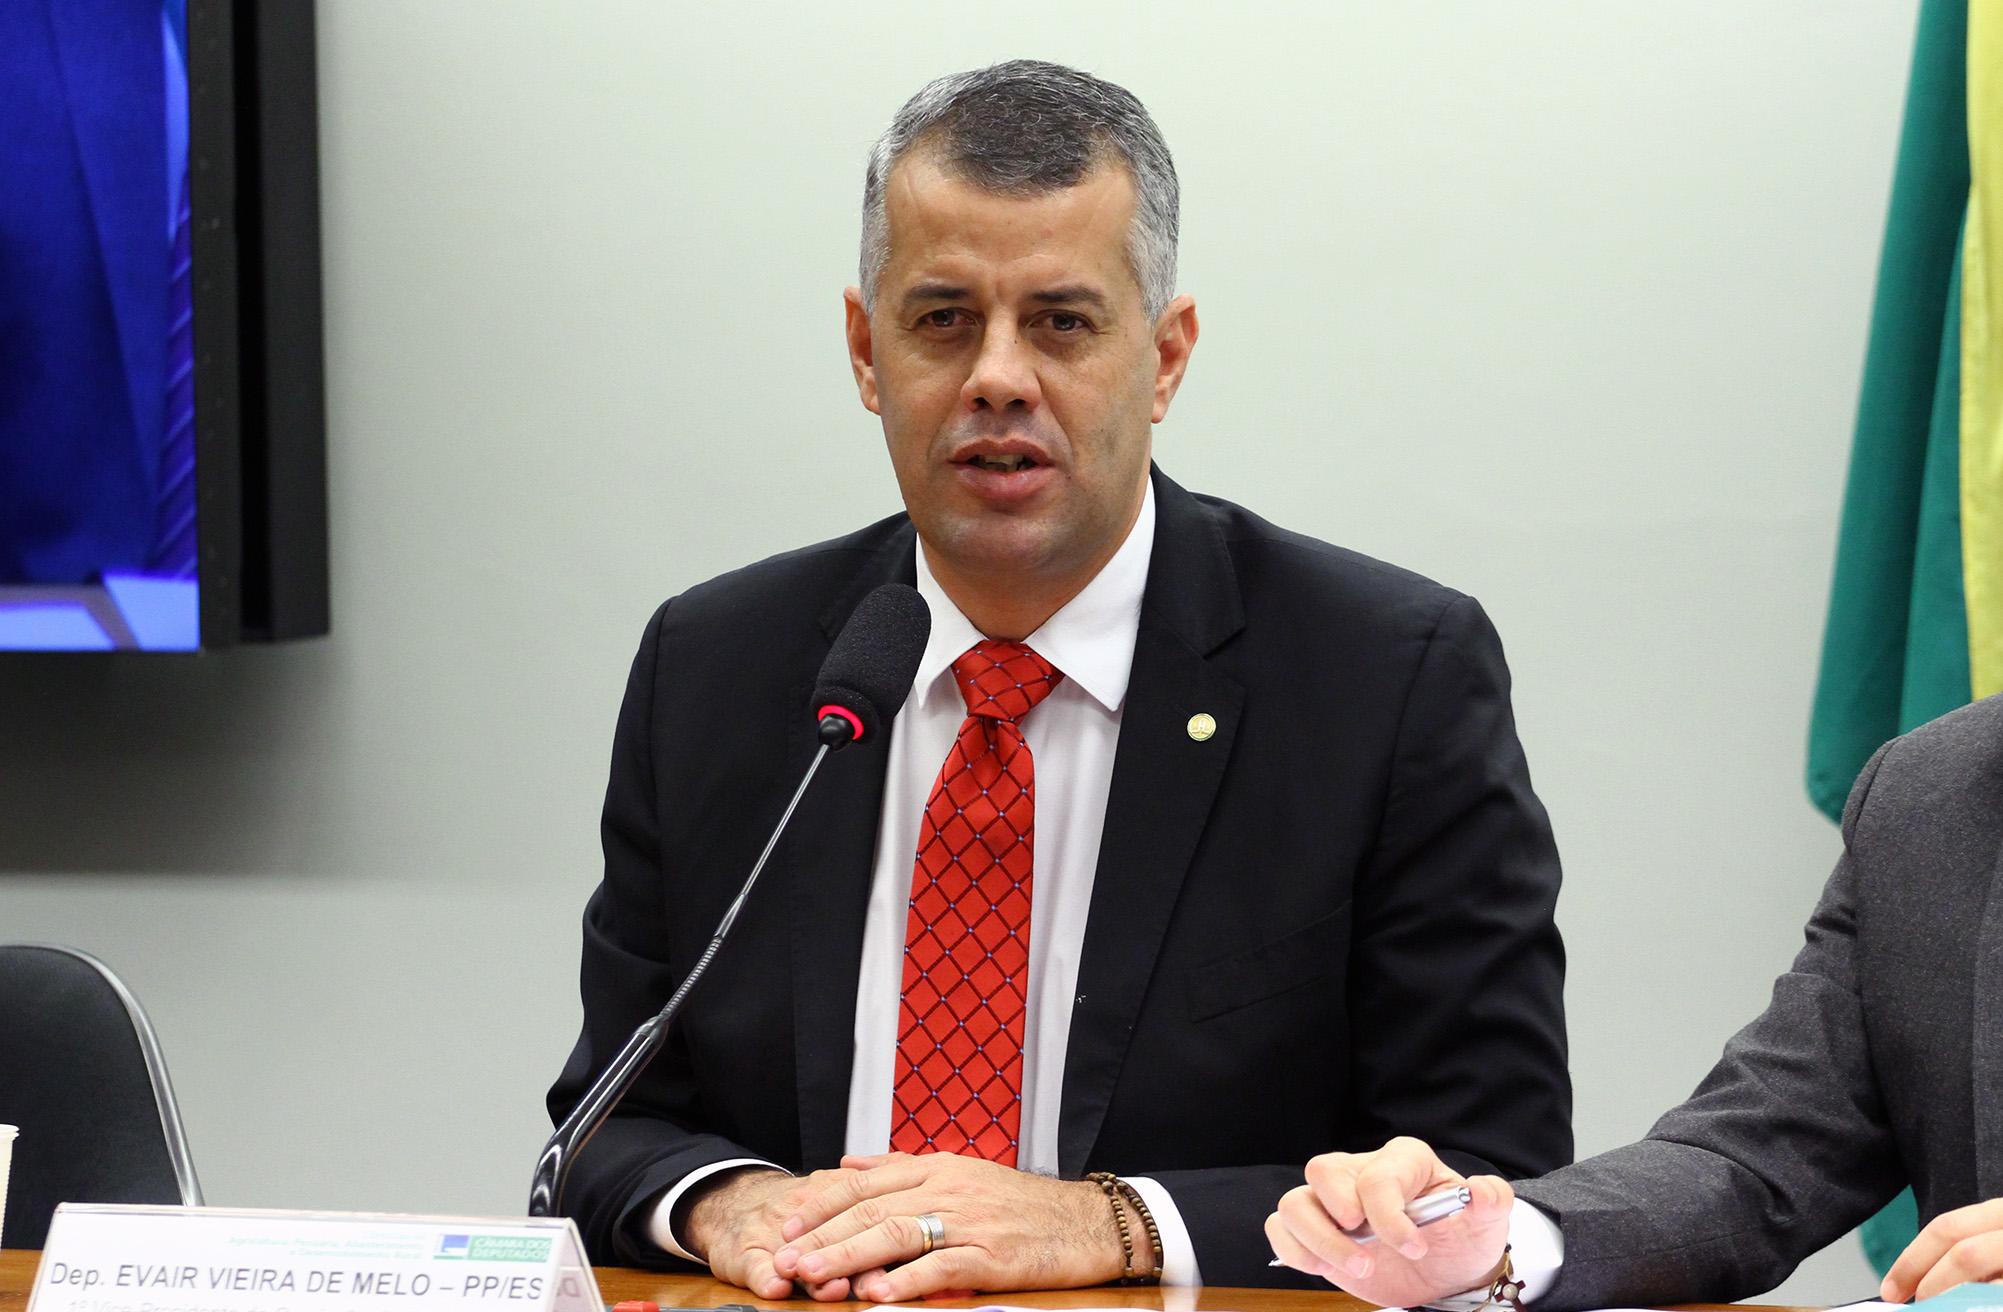 Reunião ordinária. Dep. Evair Vieira de Melo (PP - ES)